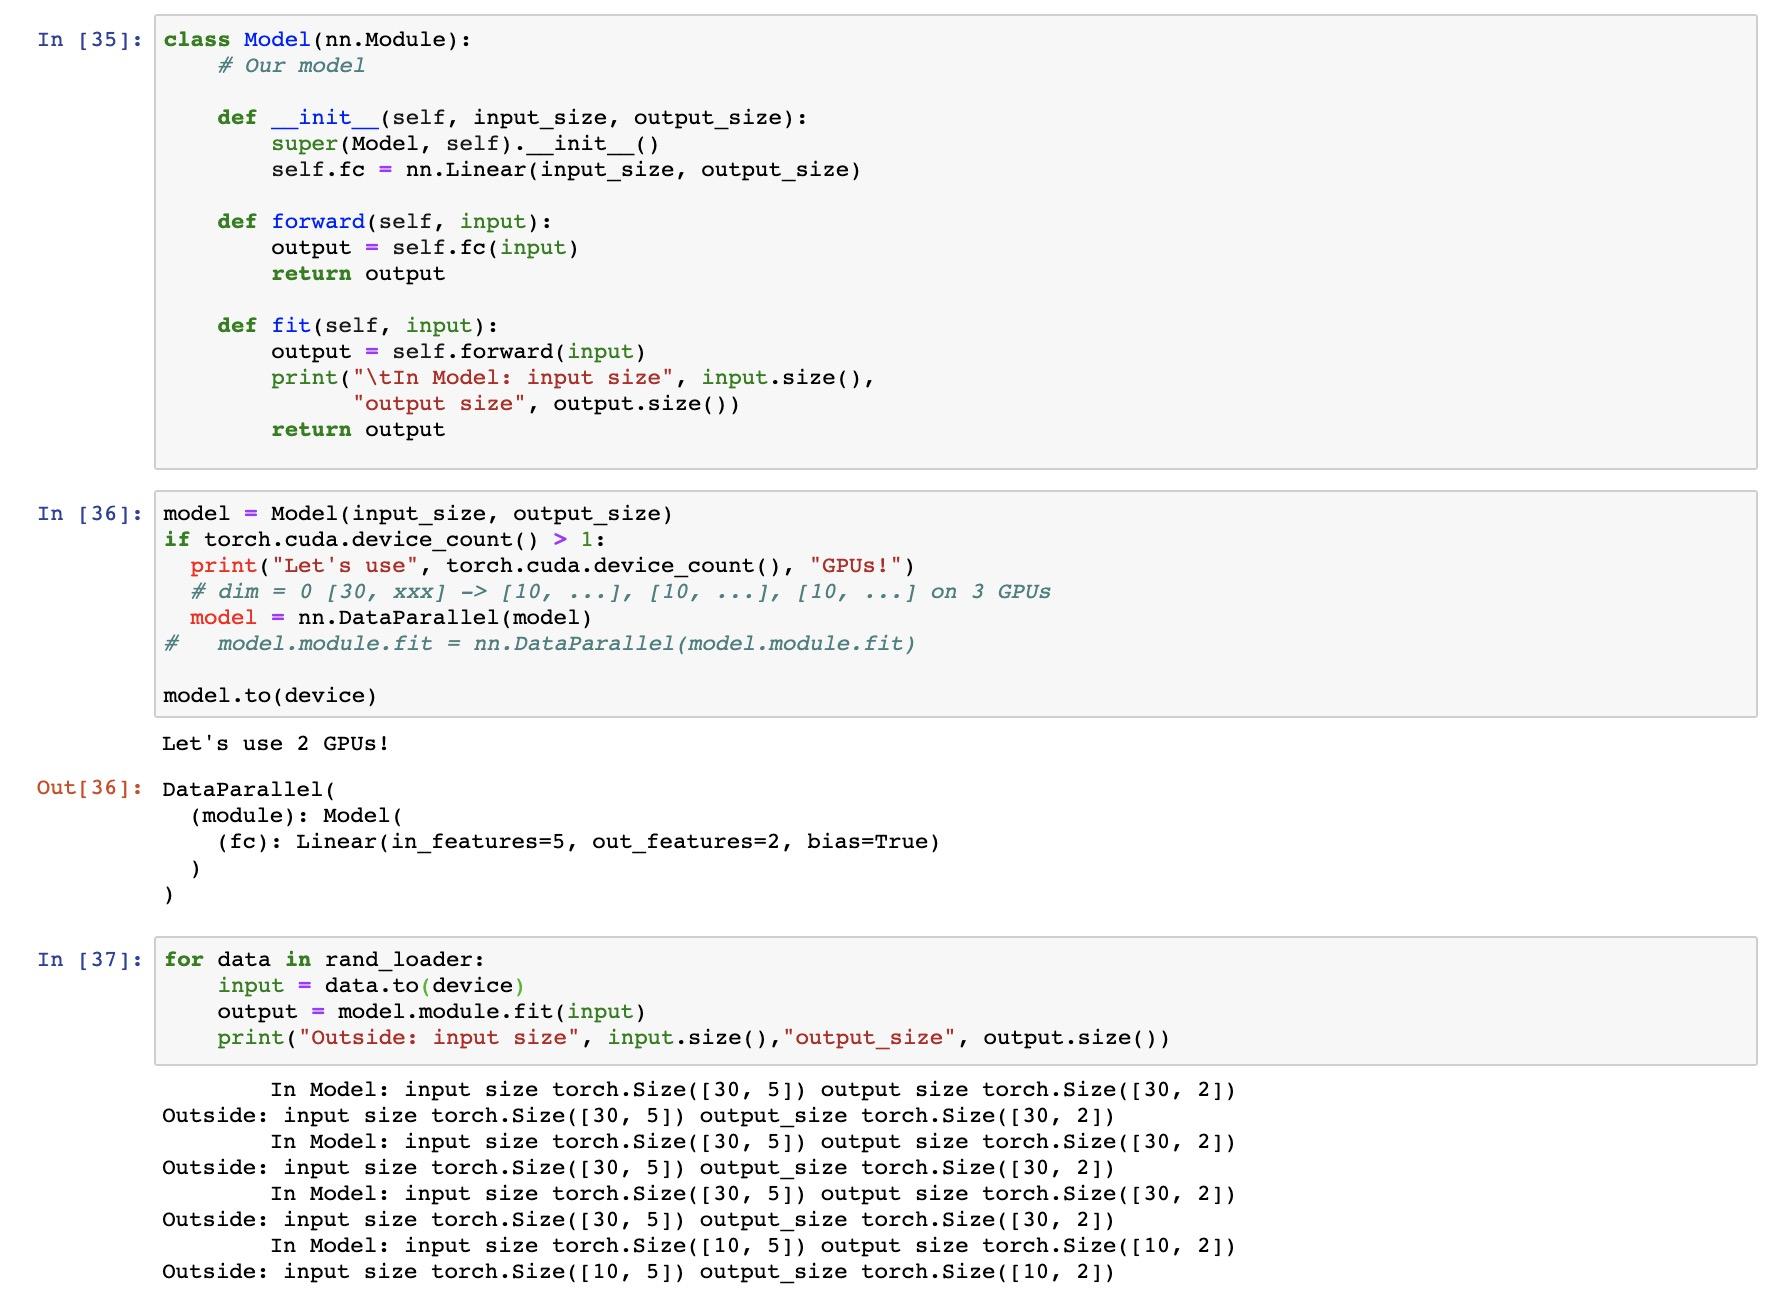 DataParallel doesn't work when calling model module